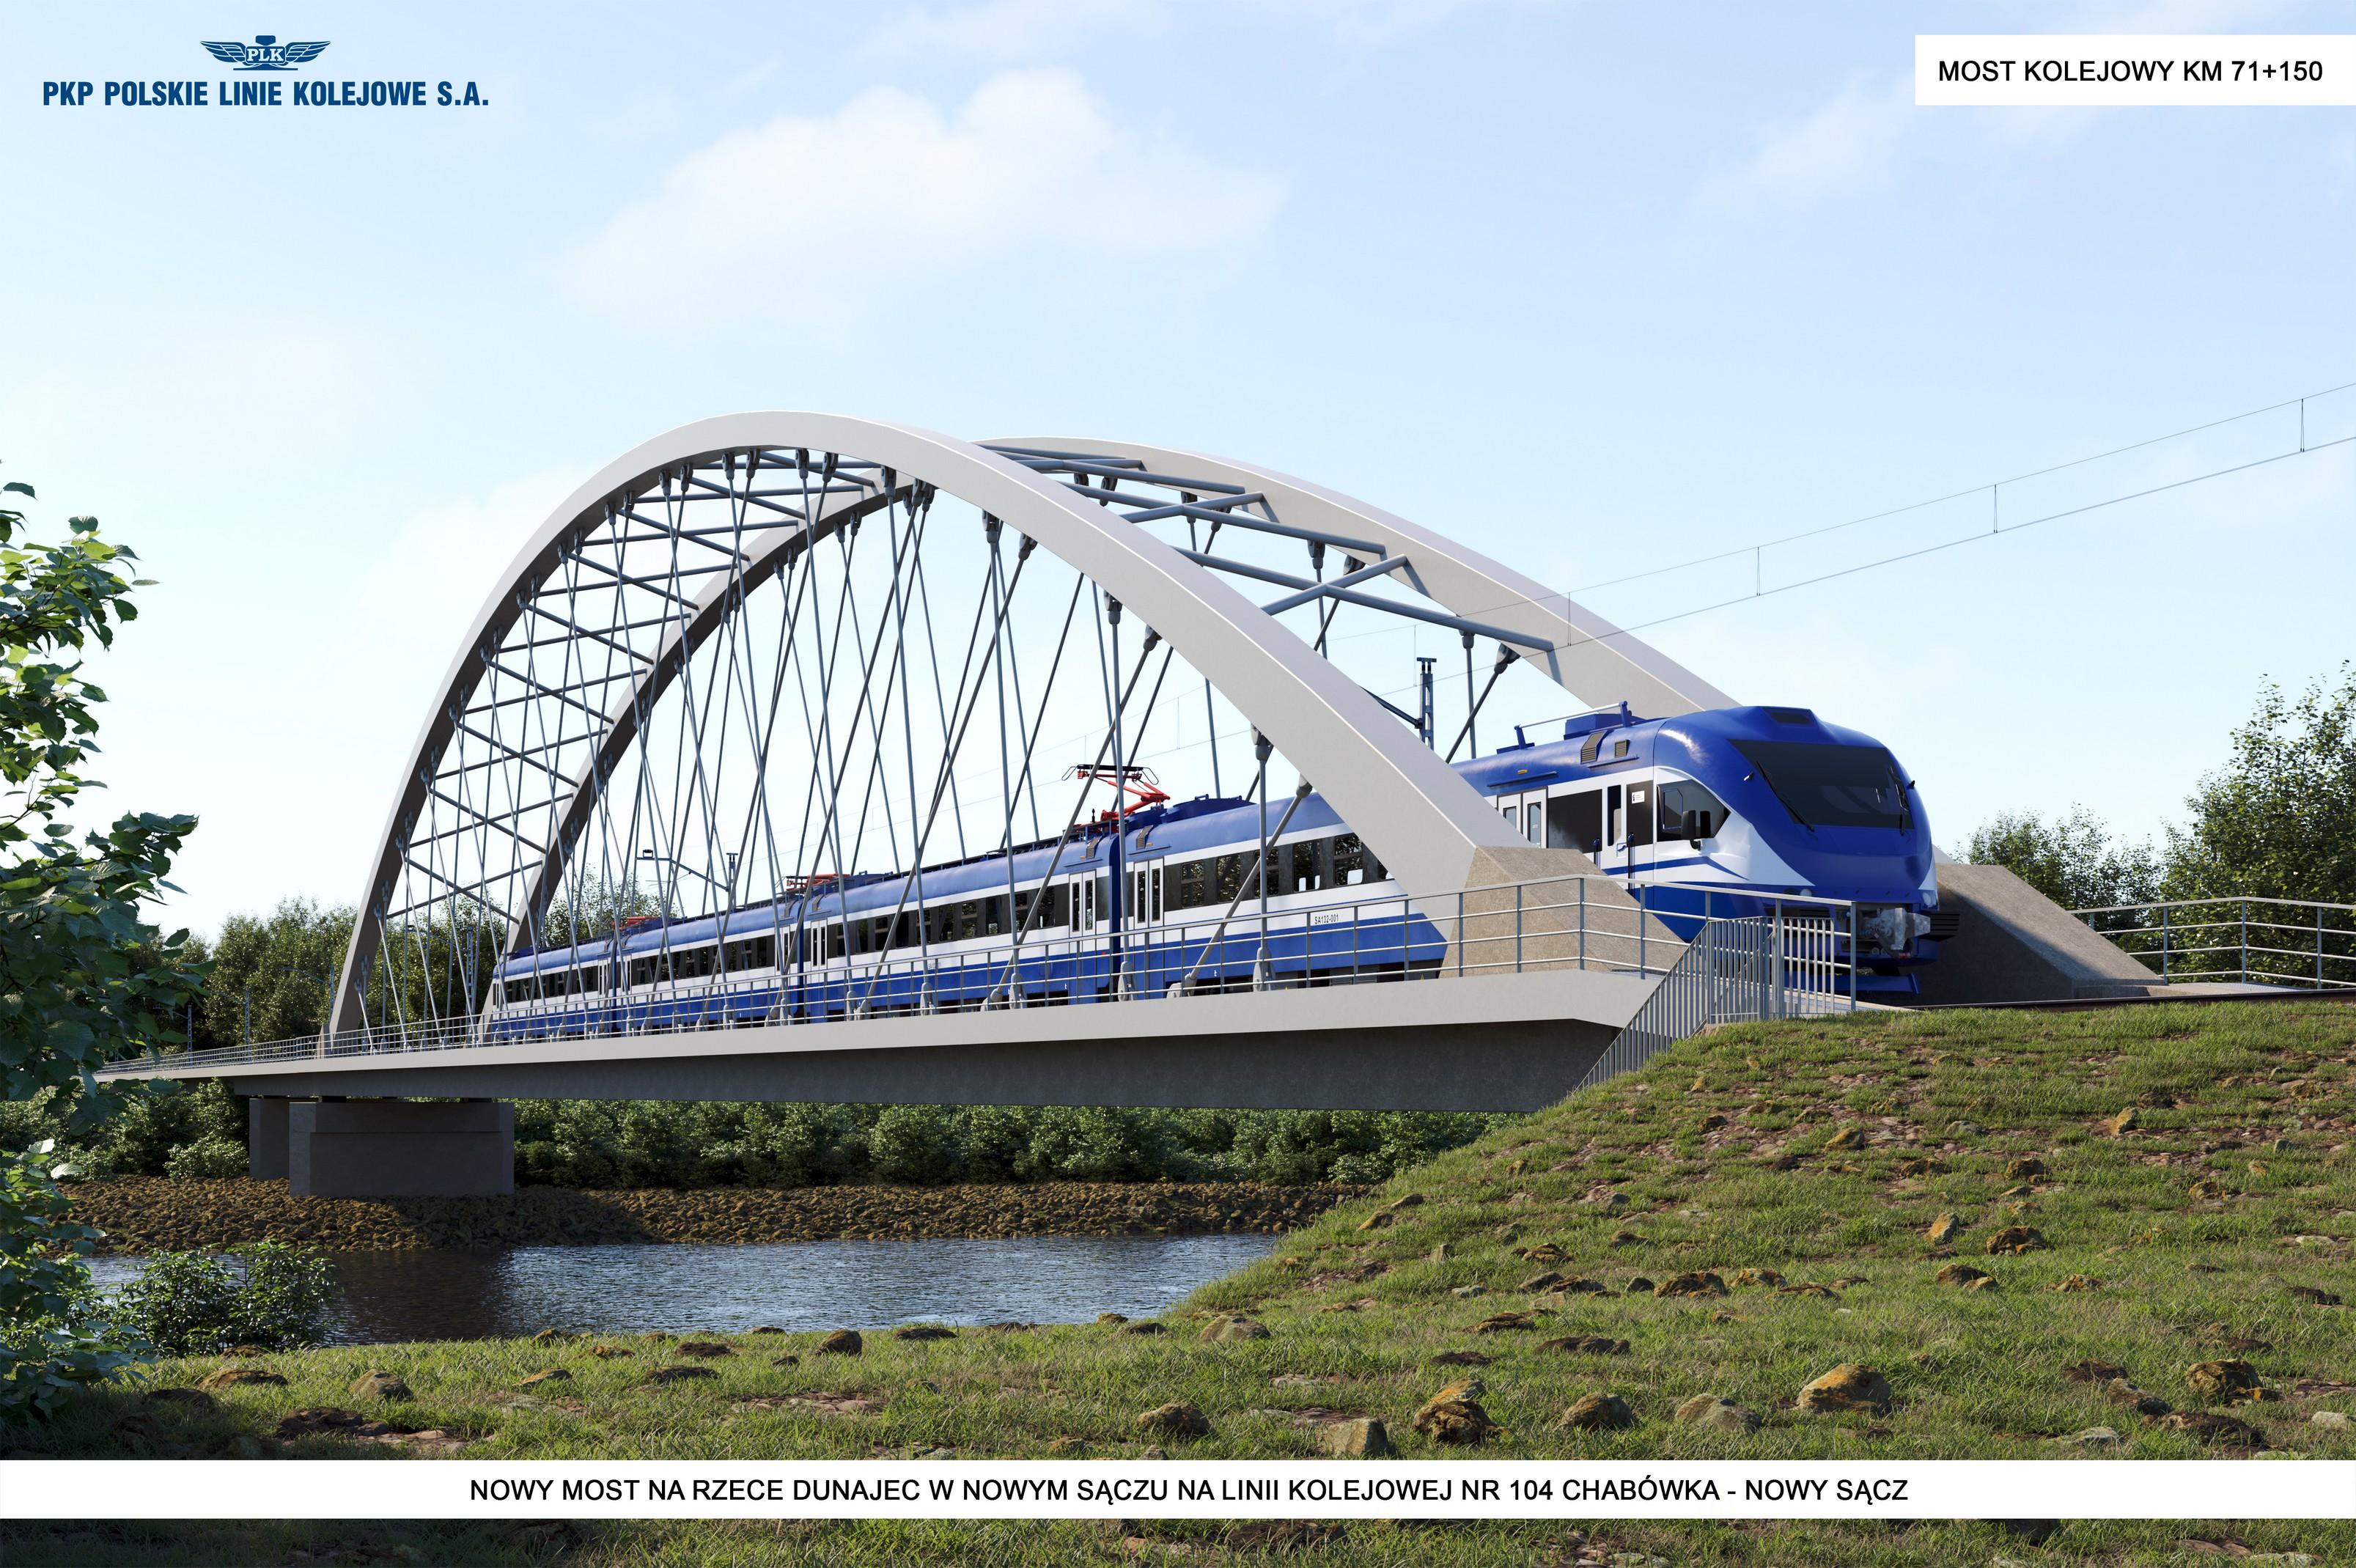 Linia Kolejowa 104 Odcinek E - przeslo nurtowe mostu kolejowego na rzece Dunajec w Nowym Saczu w km proj. 71 150